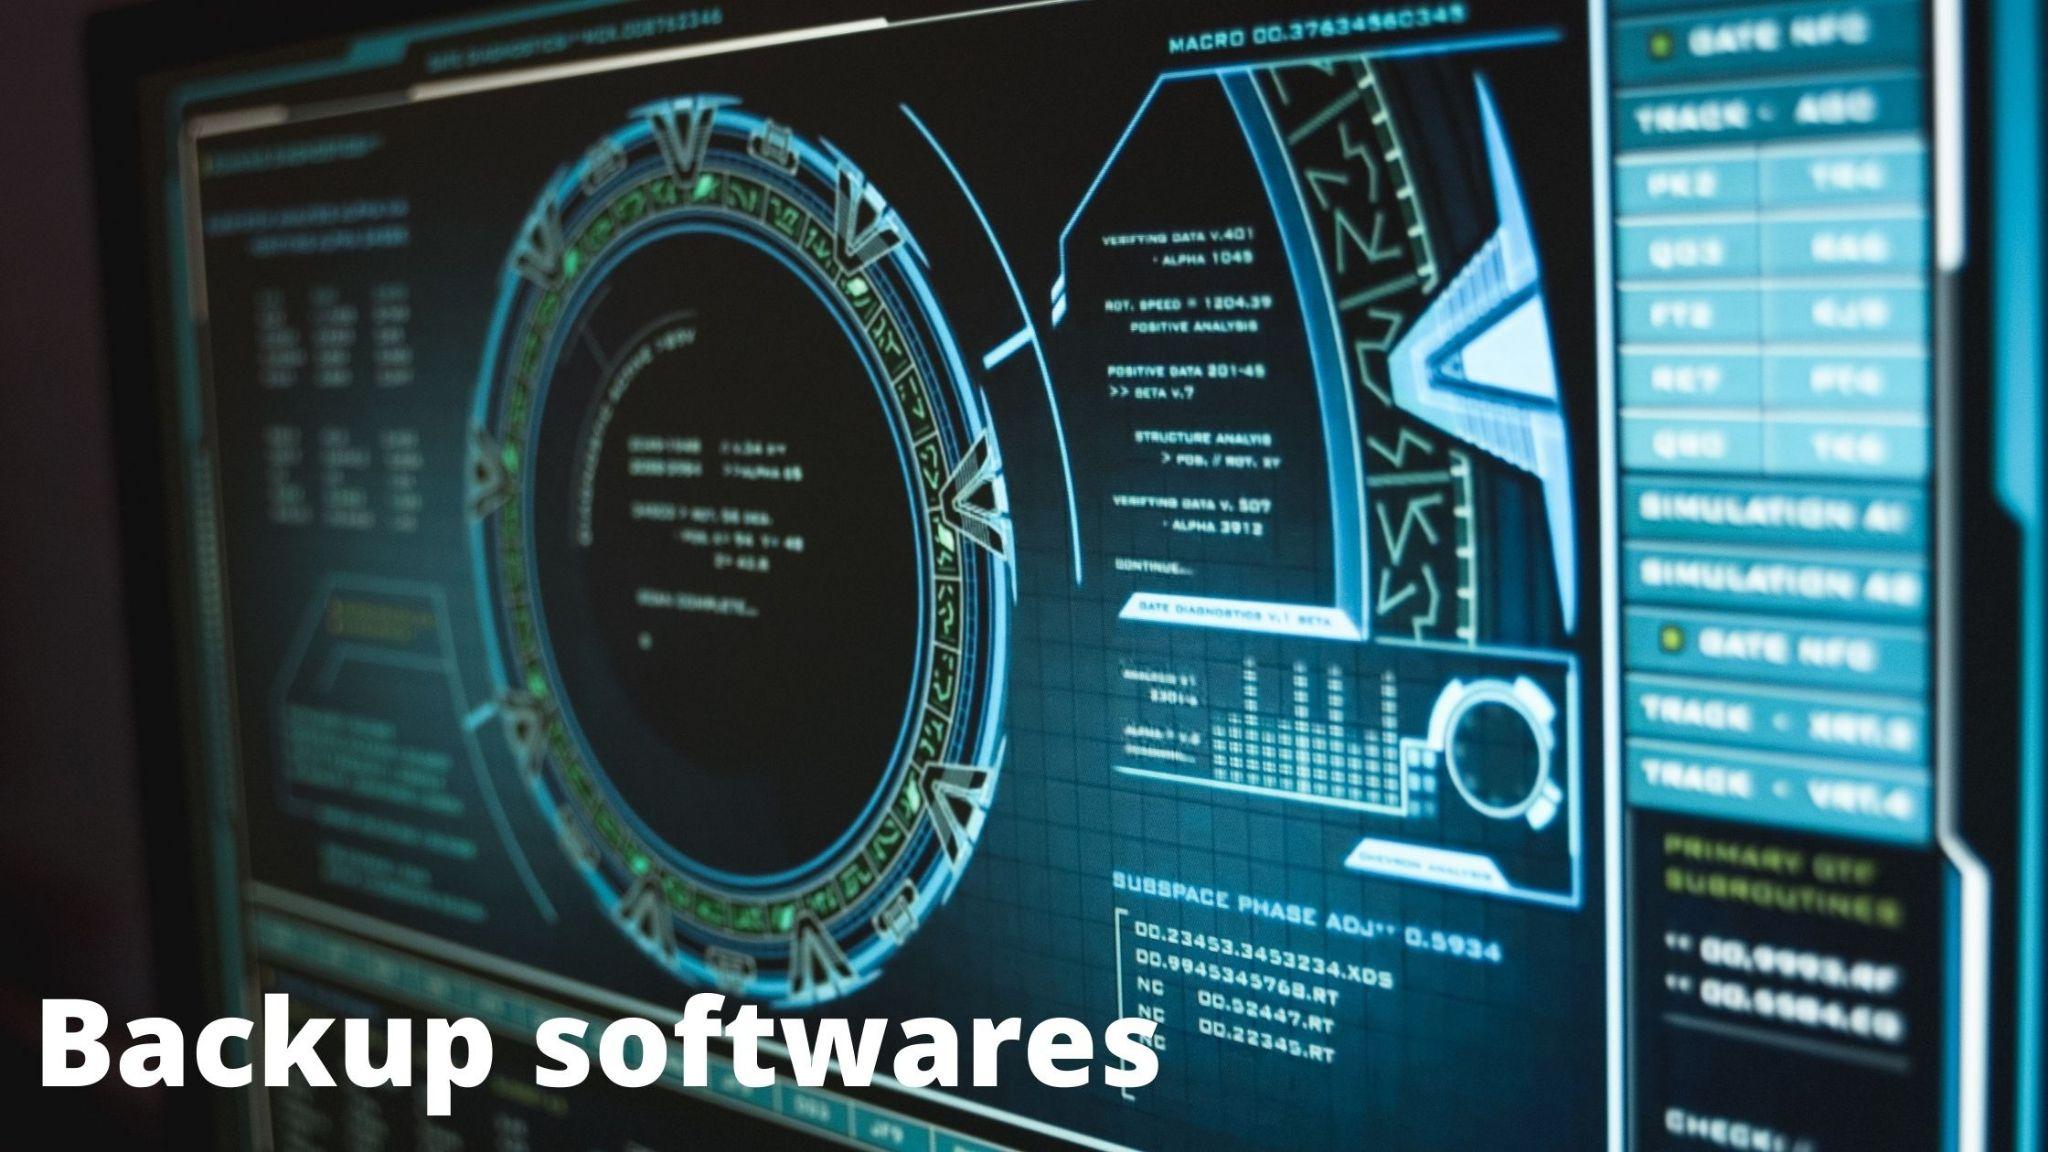 Softwares - backup software